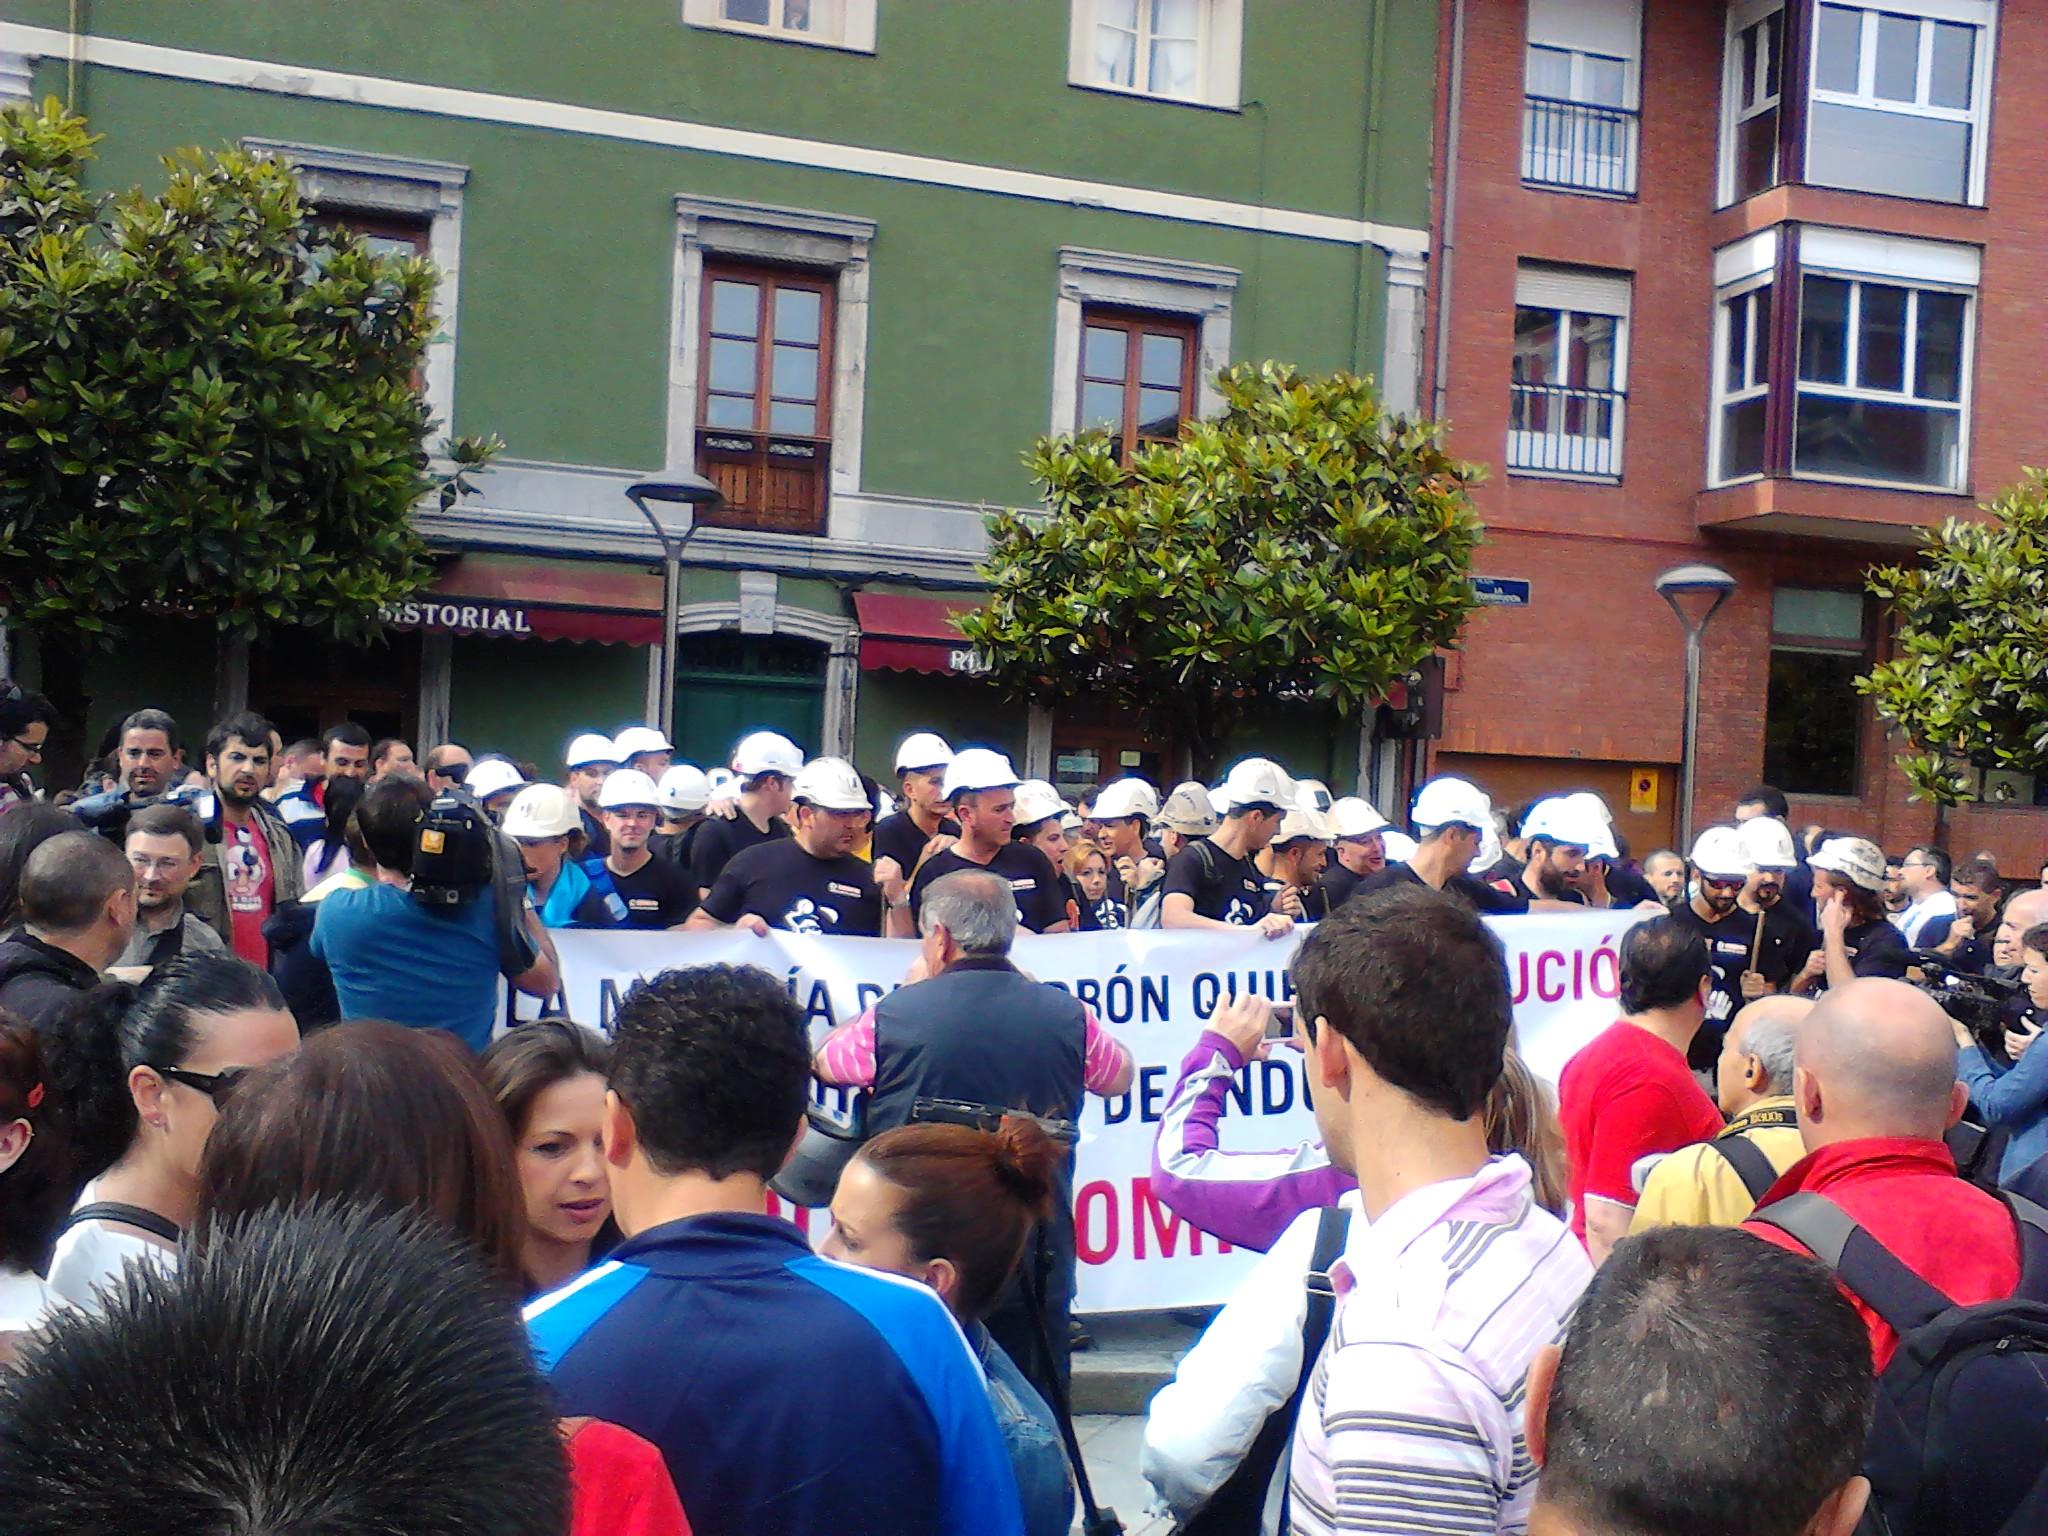 A punto de salir la marcha minera desde Mieres, vivan los mineros!, viva la clase obrera! #luchamimera @Elba_Celo http://t.co/sj1OnBfu